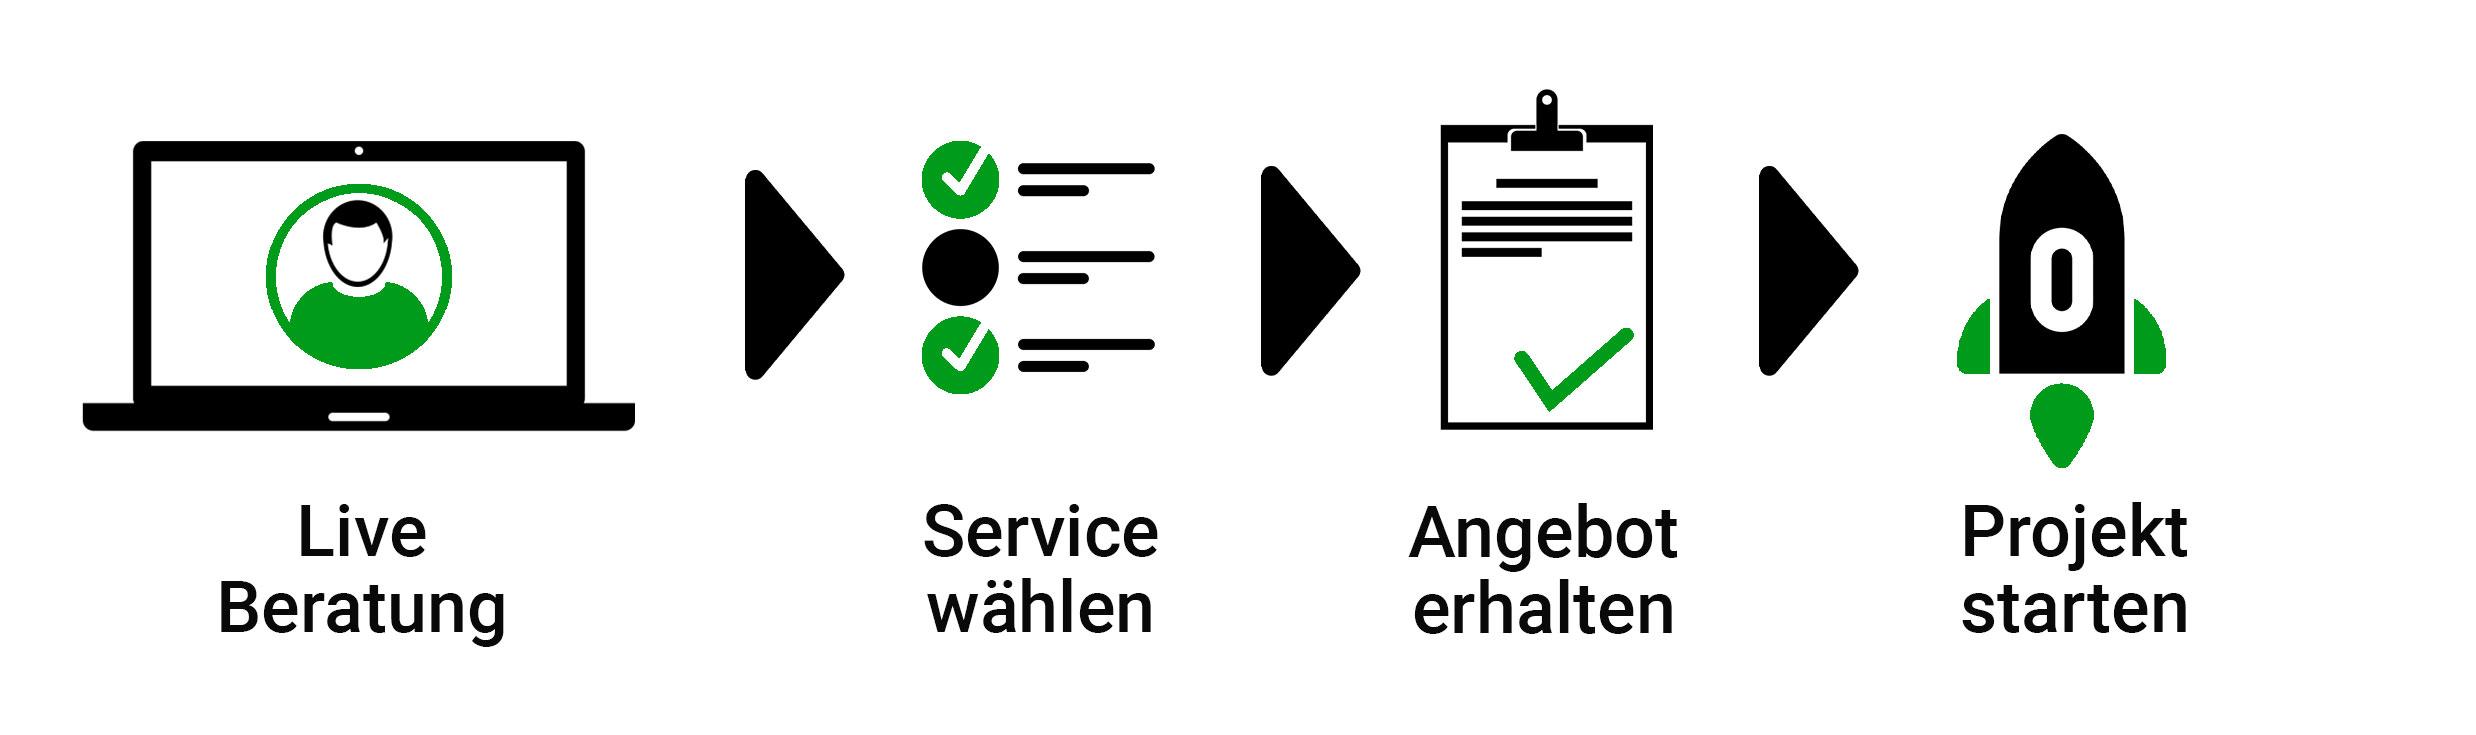 Service_Workflow